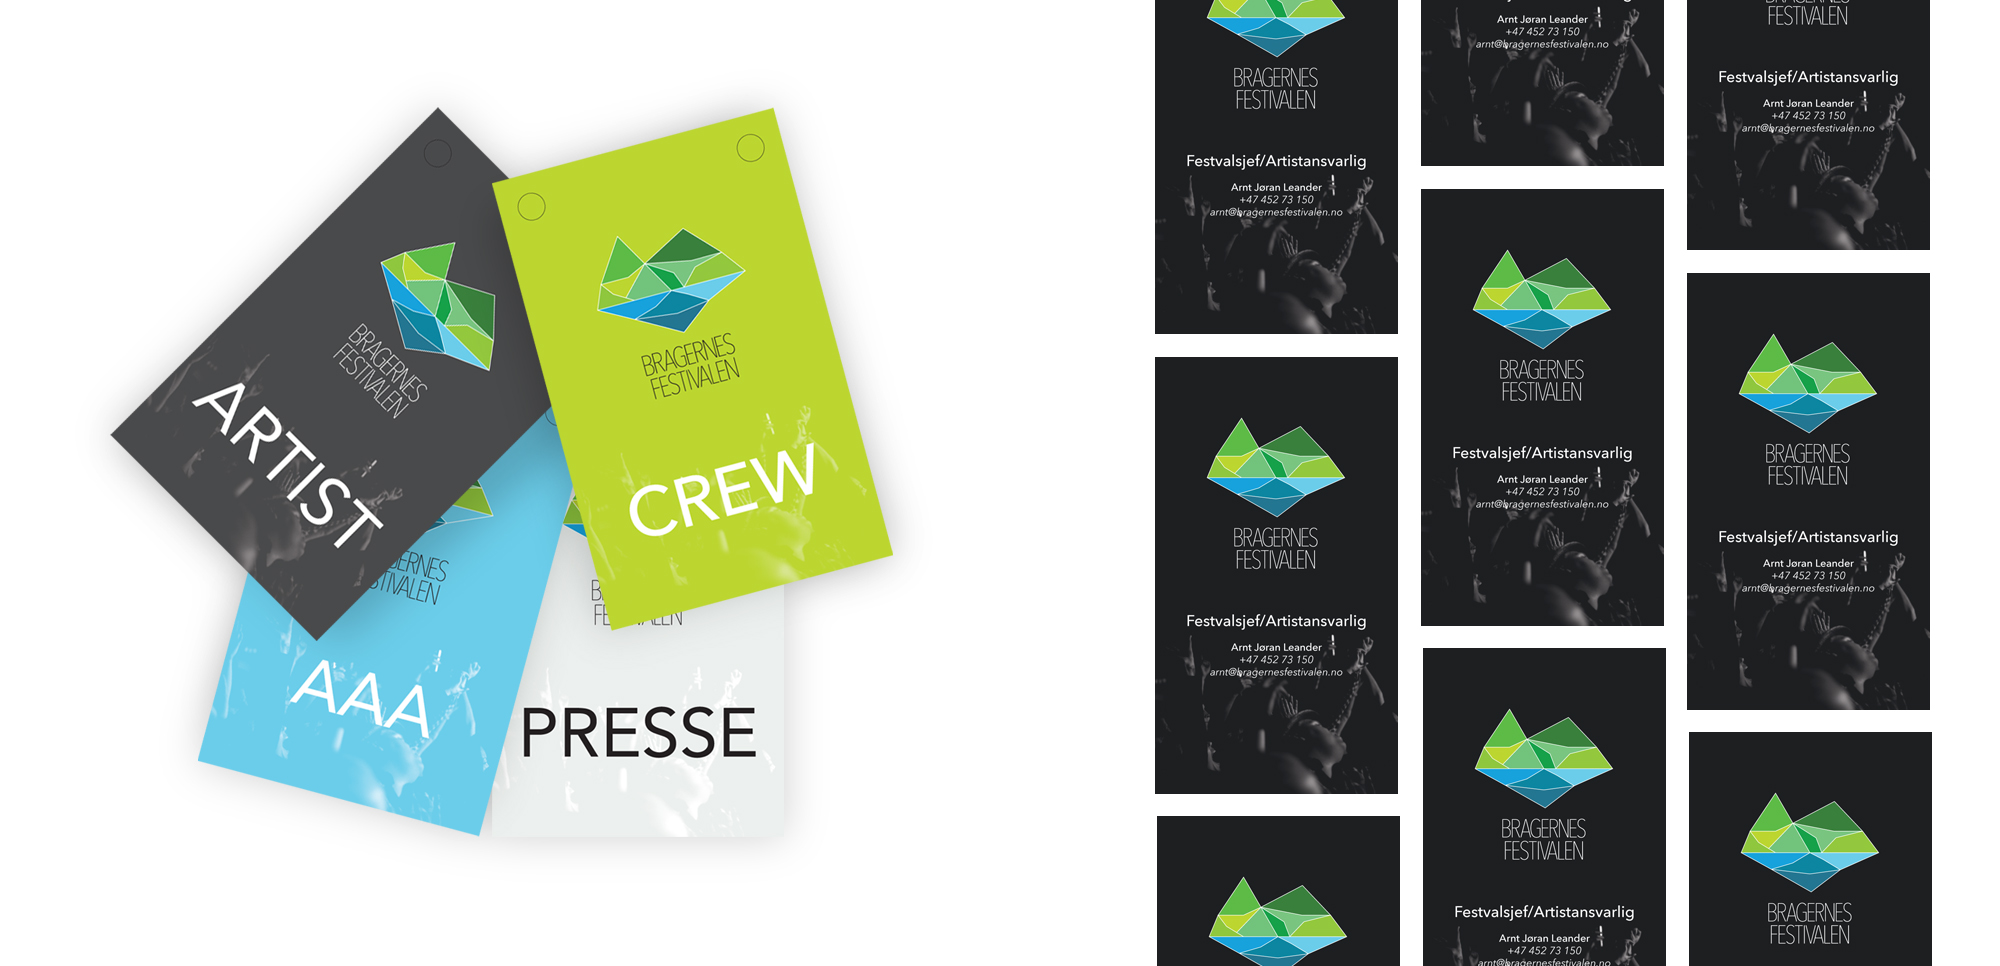 Design av diverse pass for Bragernesfestivalen